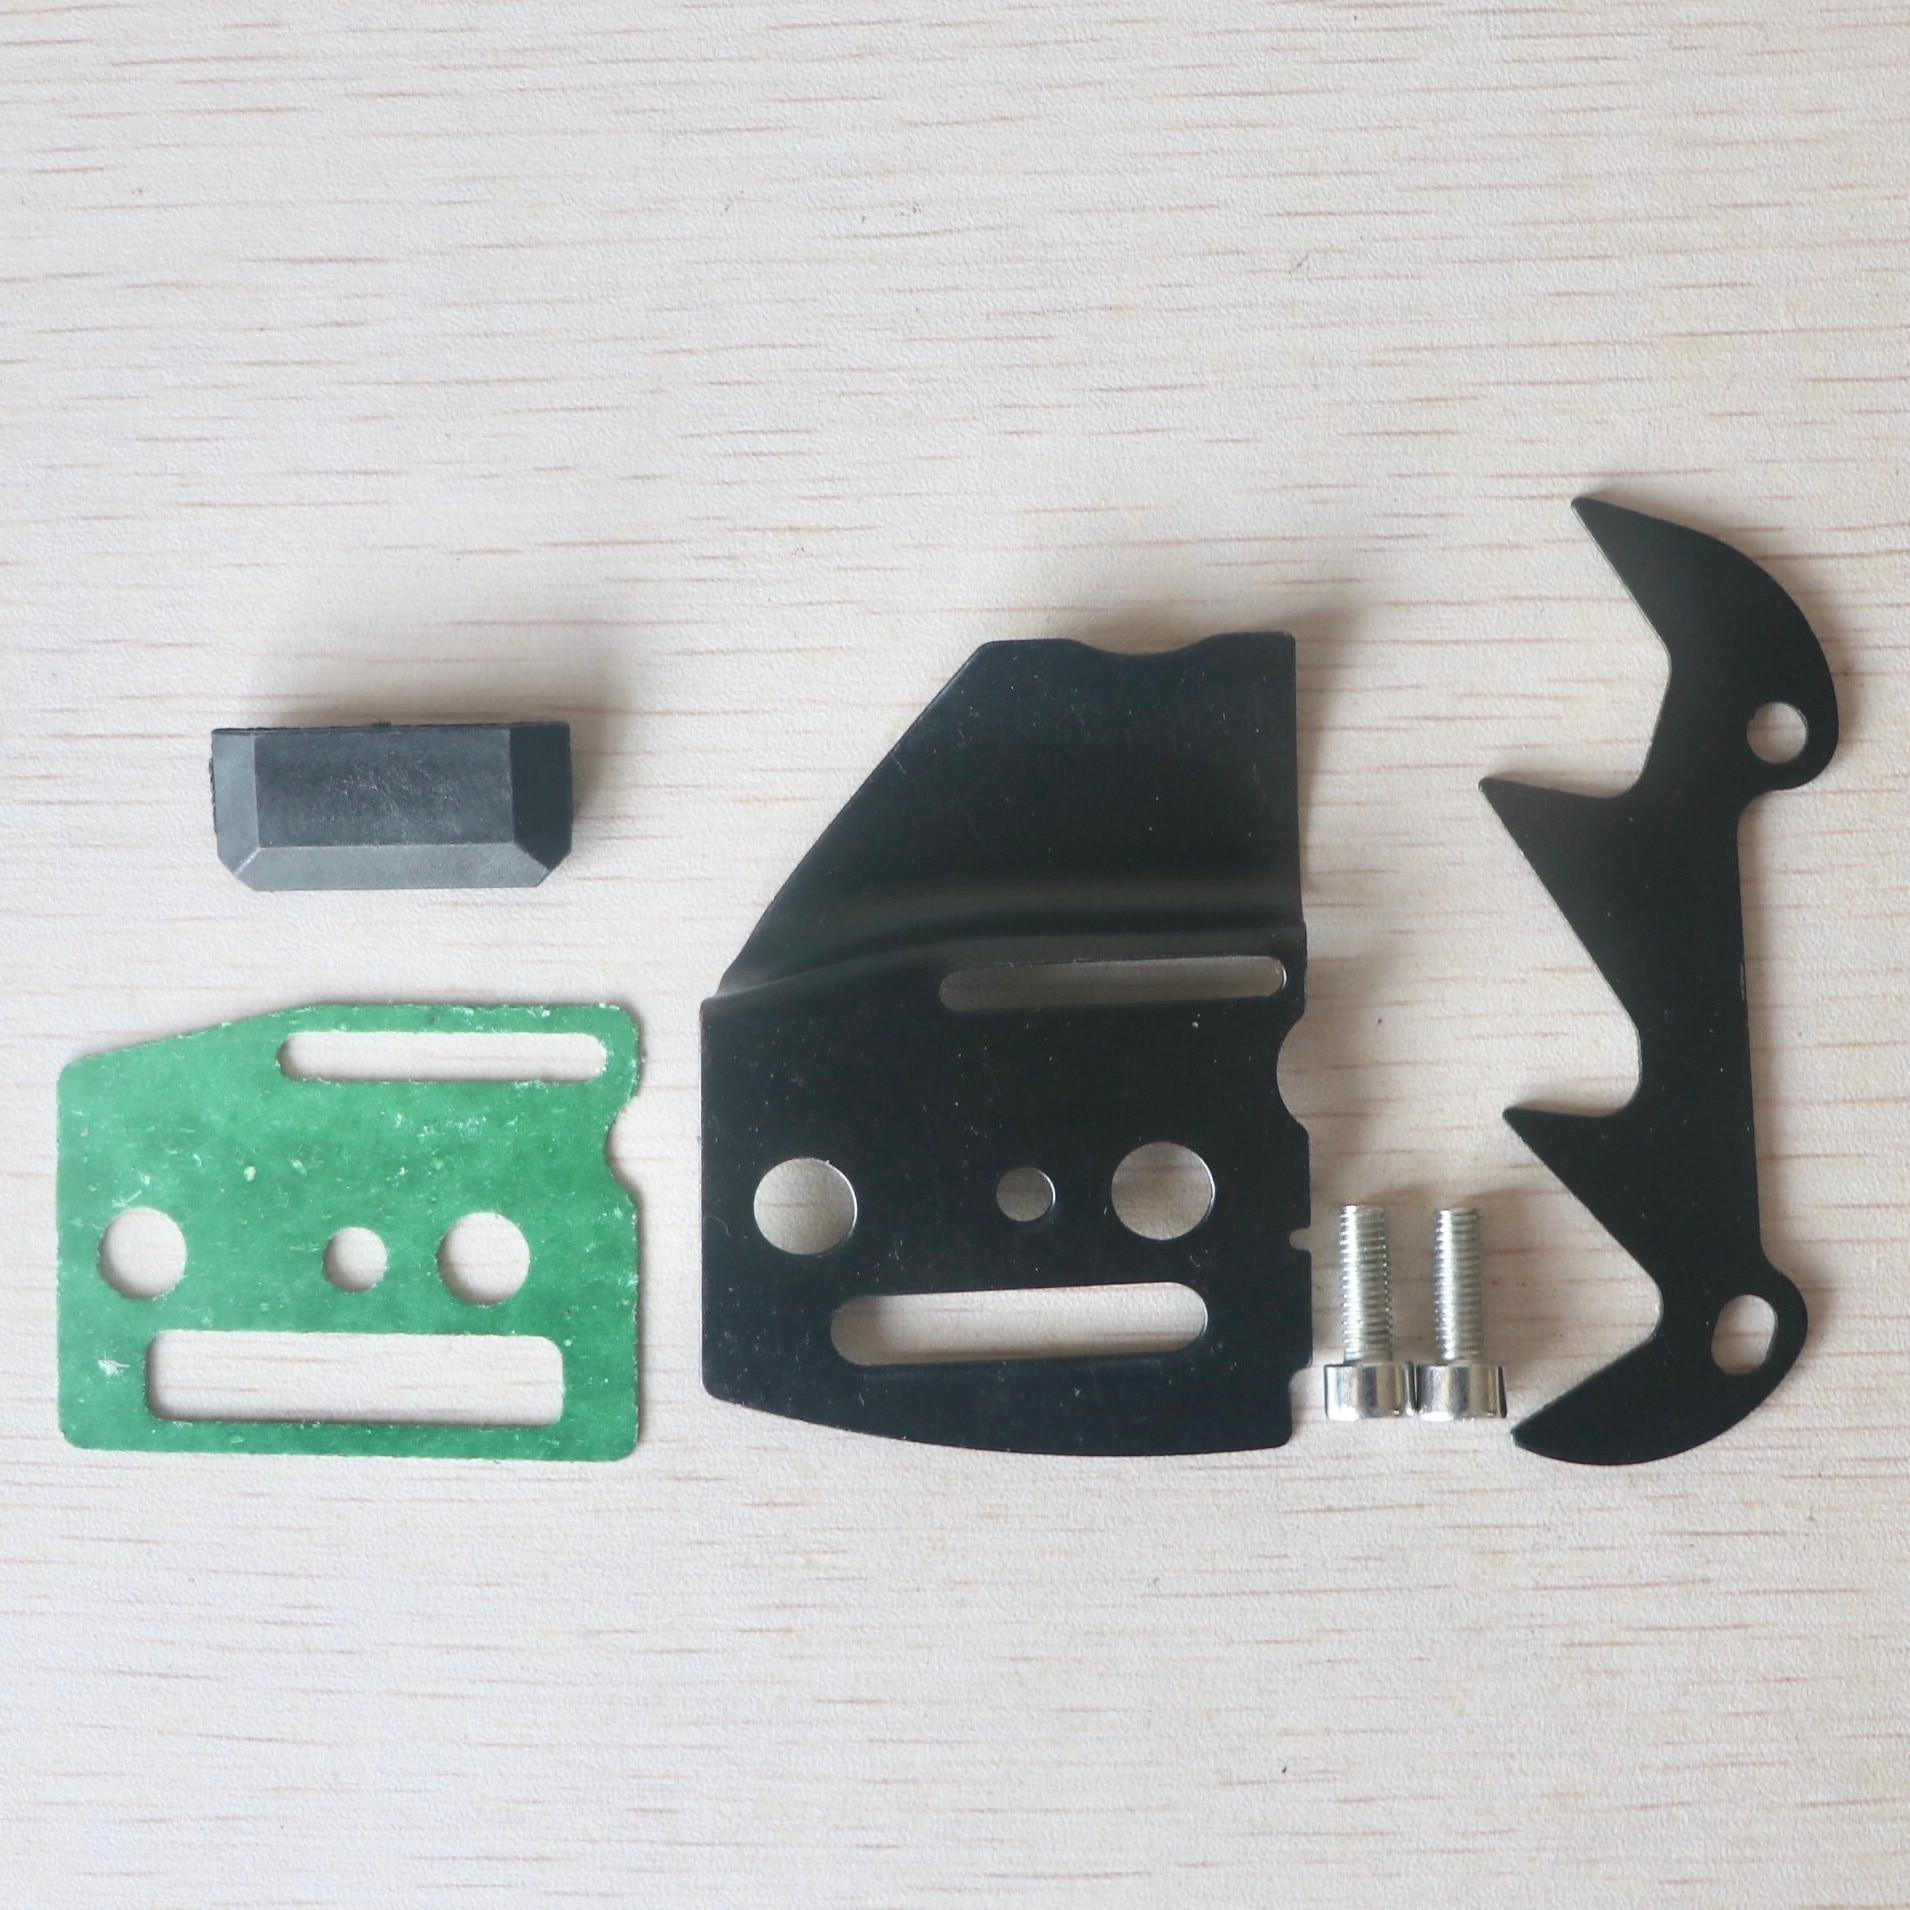 Bumper & Bolt Crankshaft Left Clip & Gasket & Guide Set For Chinese 45CC 52CC 58CC 4500 5200 5800 Chainsaw